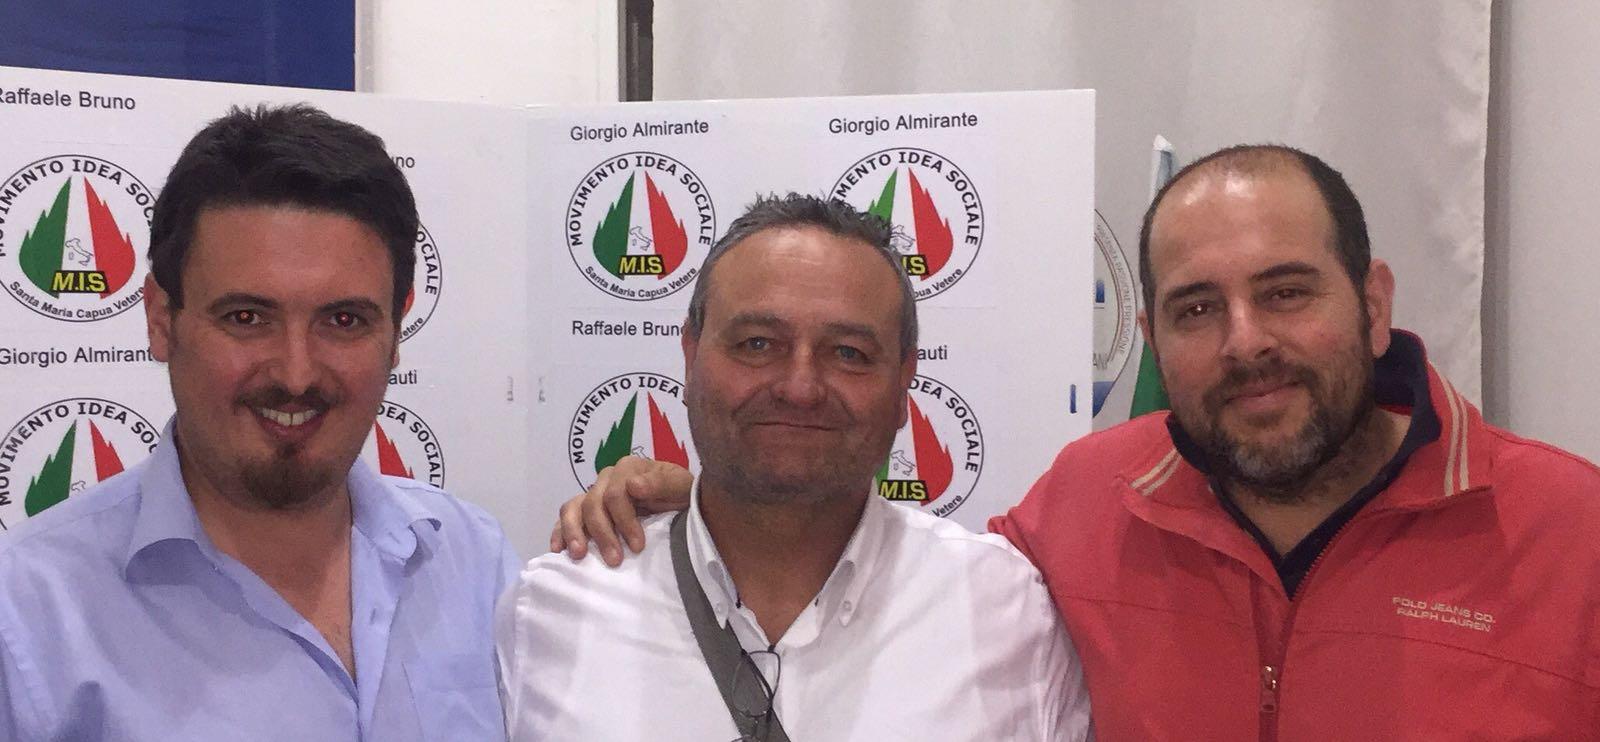 Segretario Provinciale augura buon lavoro al nuovo Segretario cittadino di Curti Pasquale Gicco